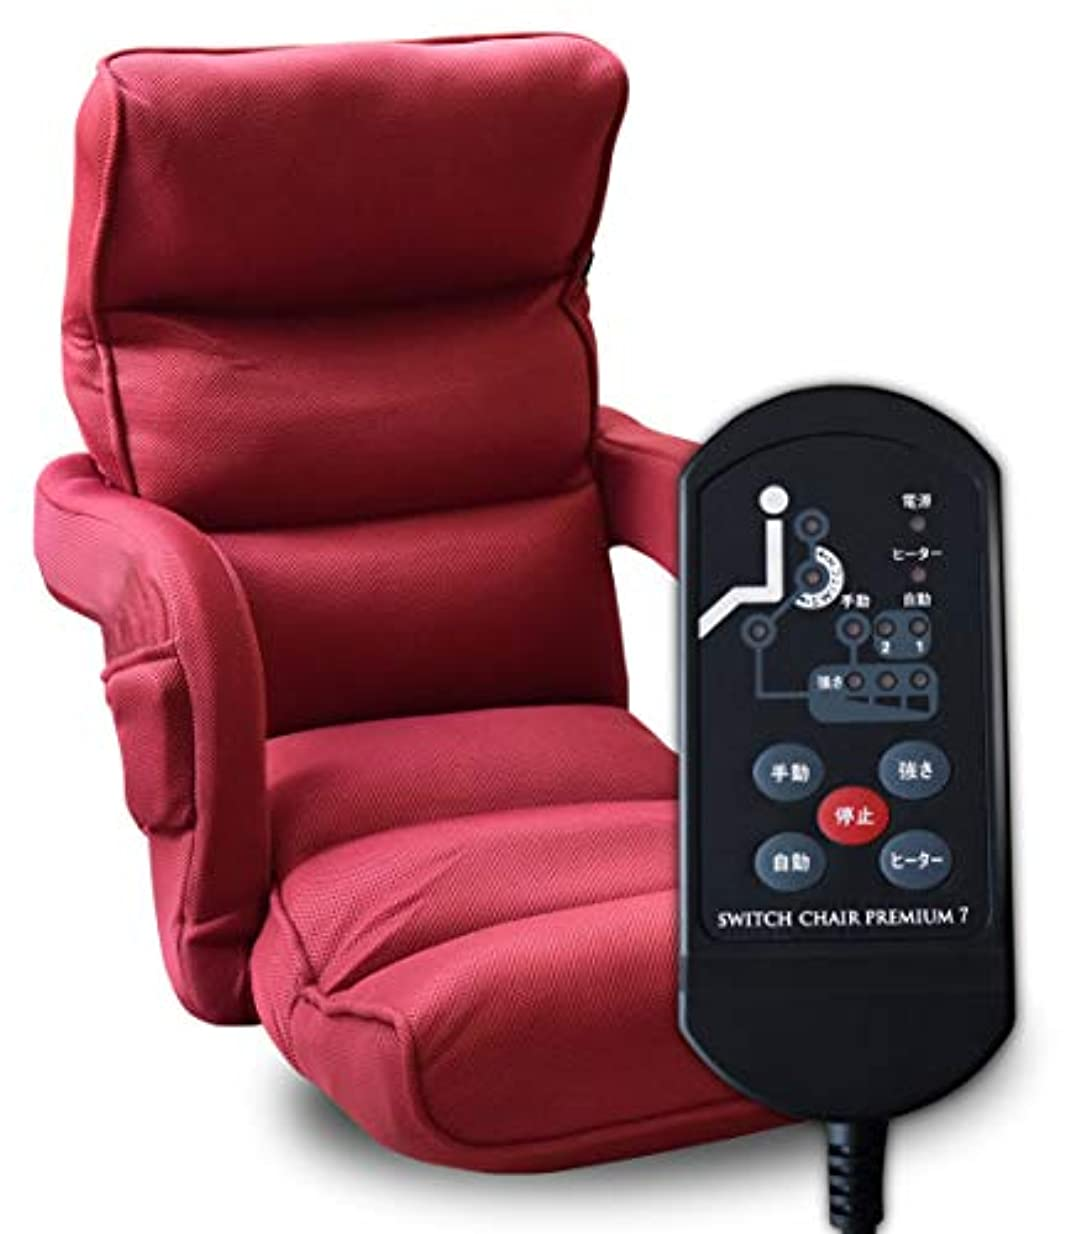 起きる事実上フェザーSWITCH CHAIR PREMIUM 7 マッサージ器 マッサージ機 肘掛け付き座椅子 マッサージ ヒーター 首 肩 腰 肩こり 背中 マッサージチェア ビクトリアンローズ